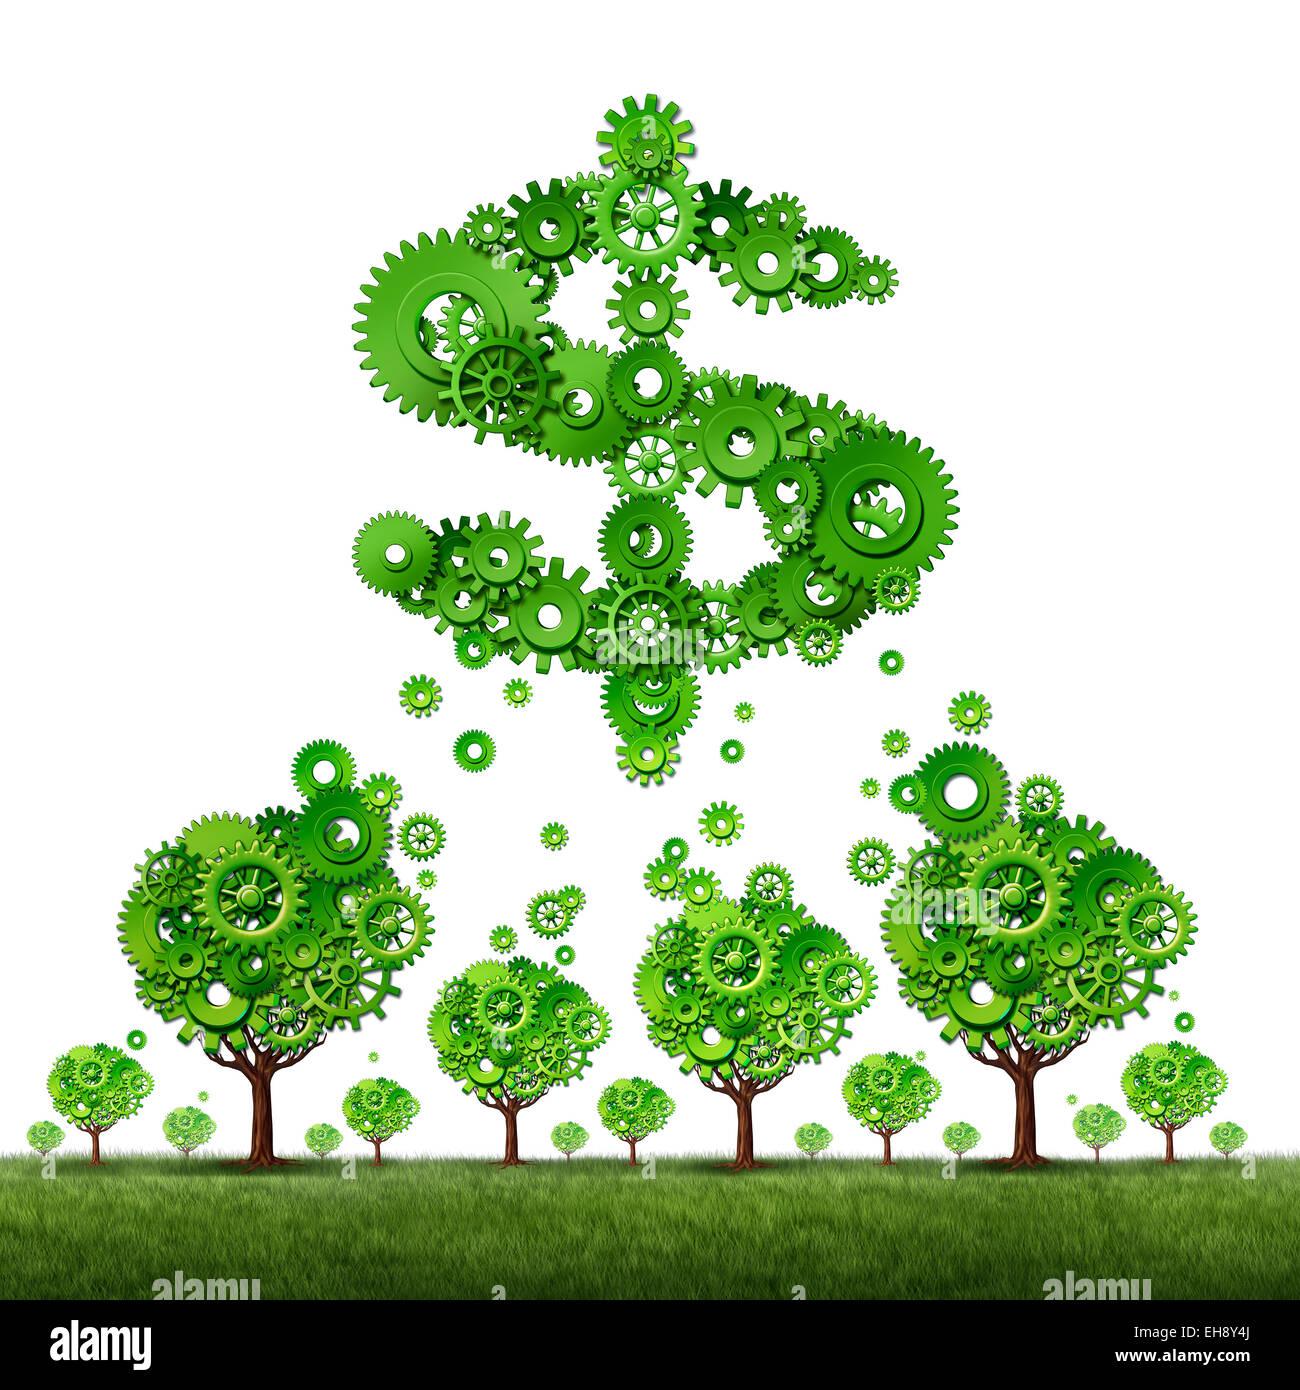 Crowdfunding et concept de revenu d'investissement collectif qu'un groupe d'arbres verts fait des vitesses Photo Stock